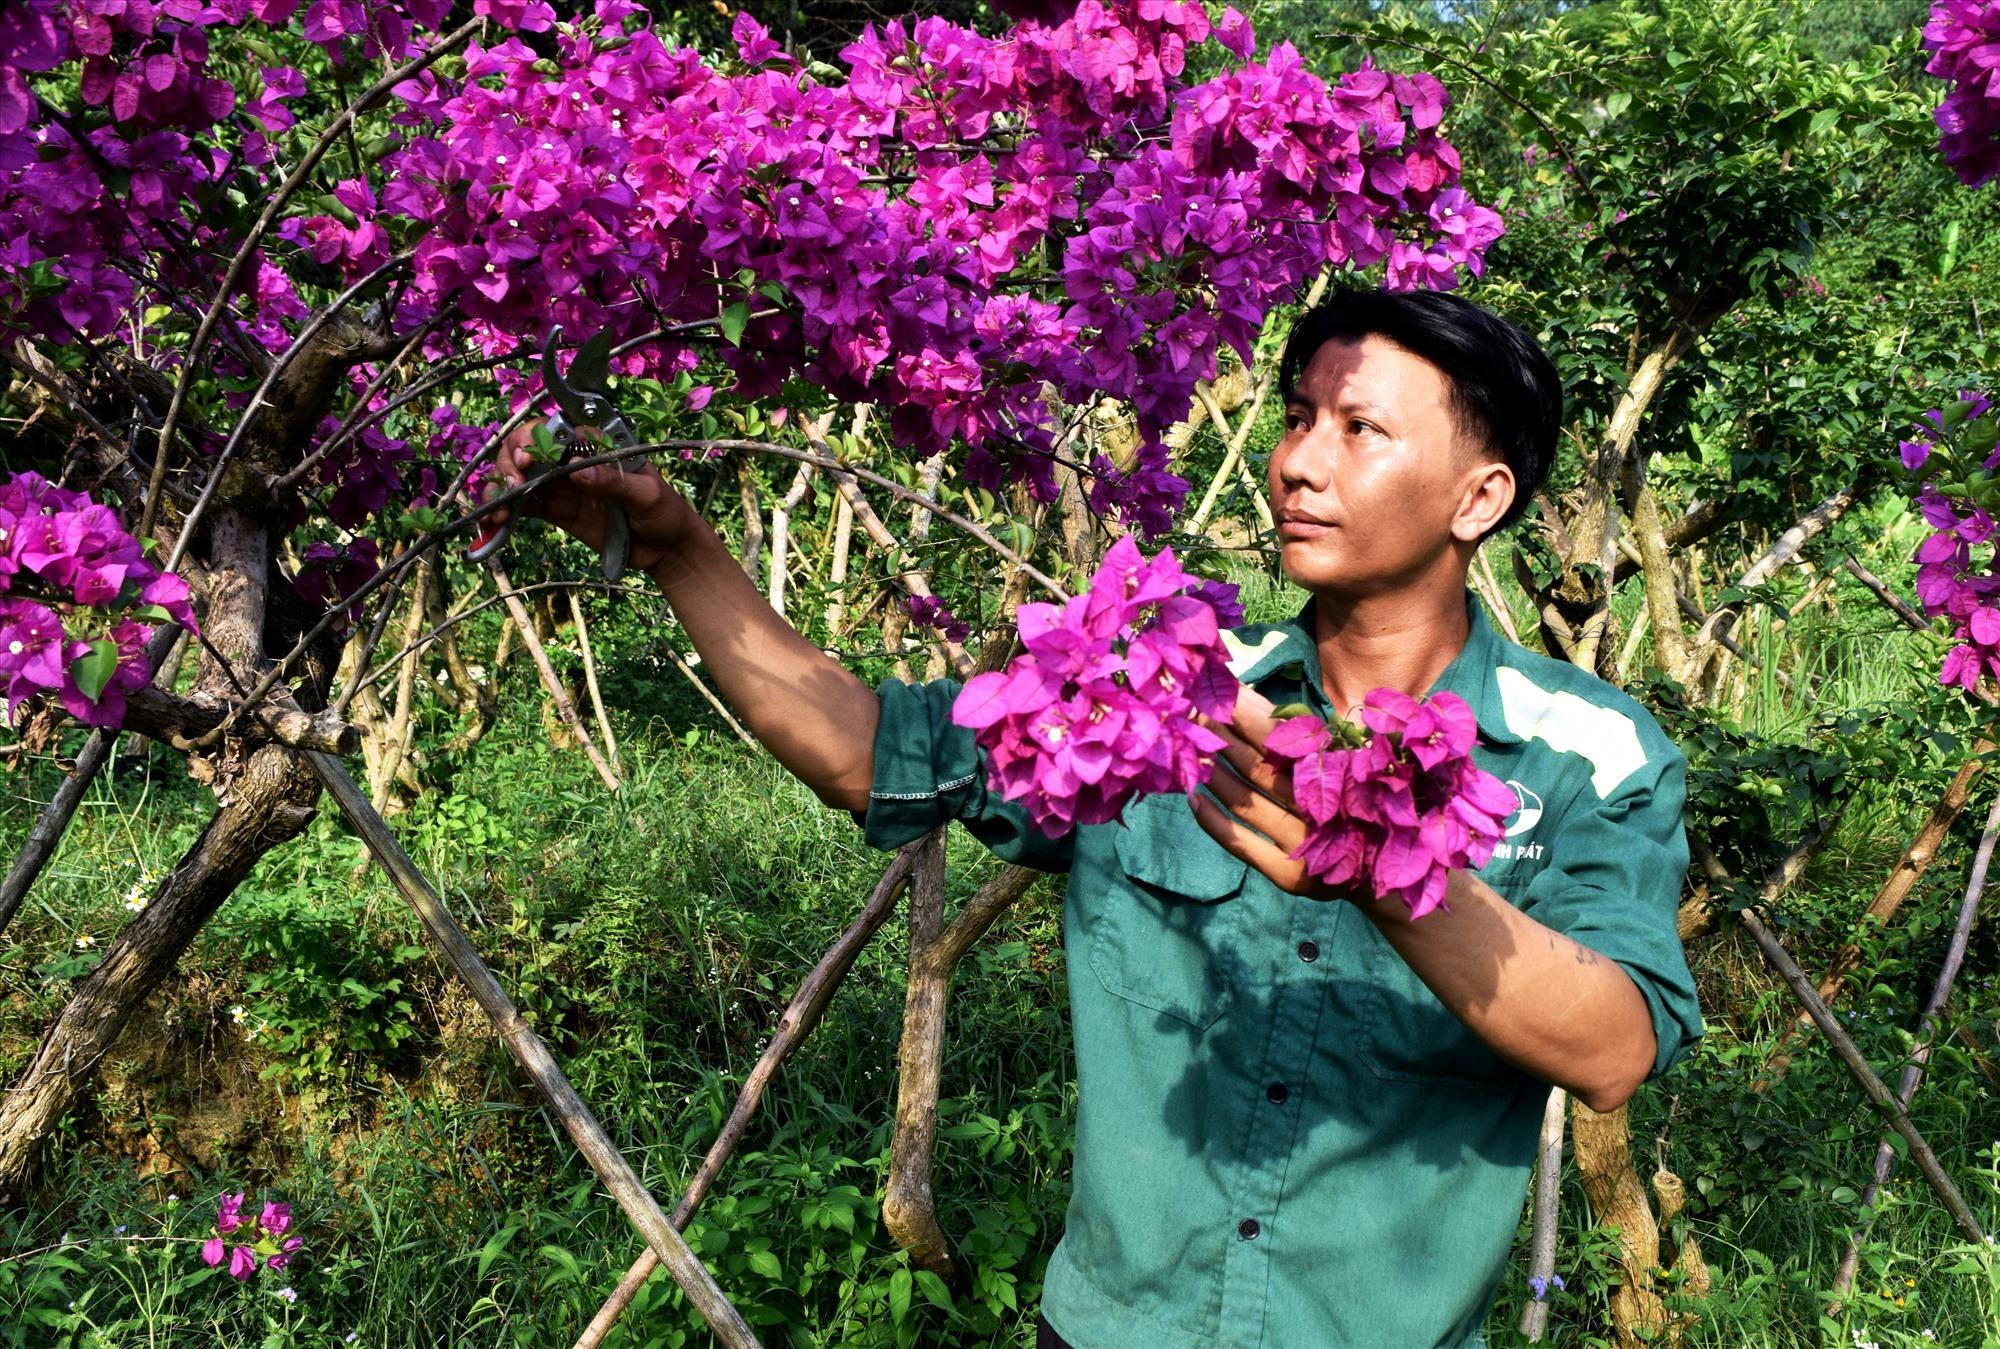 Chân dung chàng thanh niên khuyết tật Nguyễn Khắc Linh. Ảnh: THÁI CƯỜNG